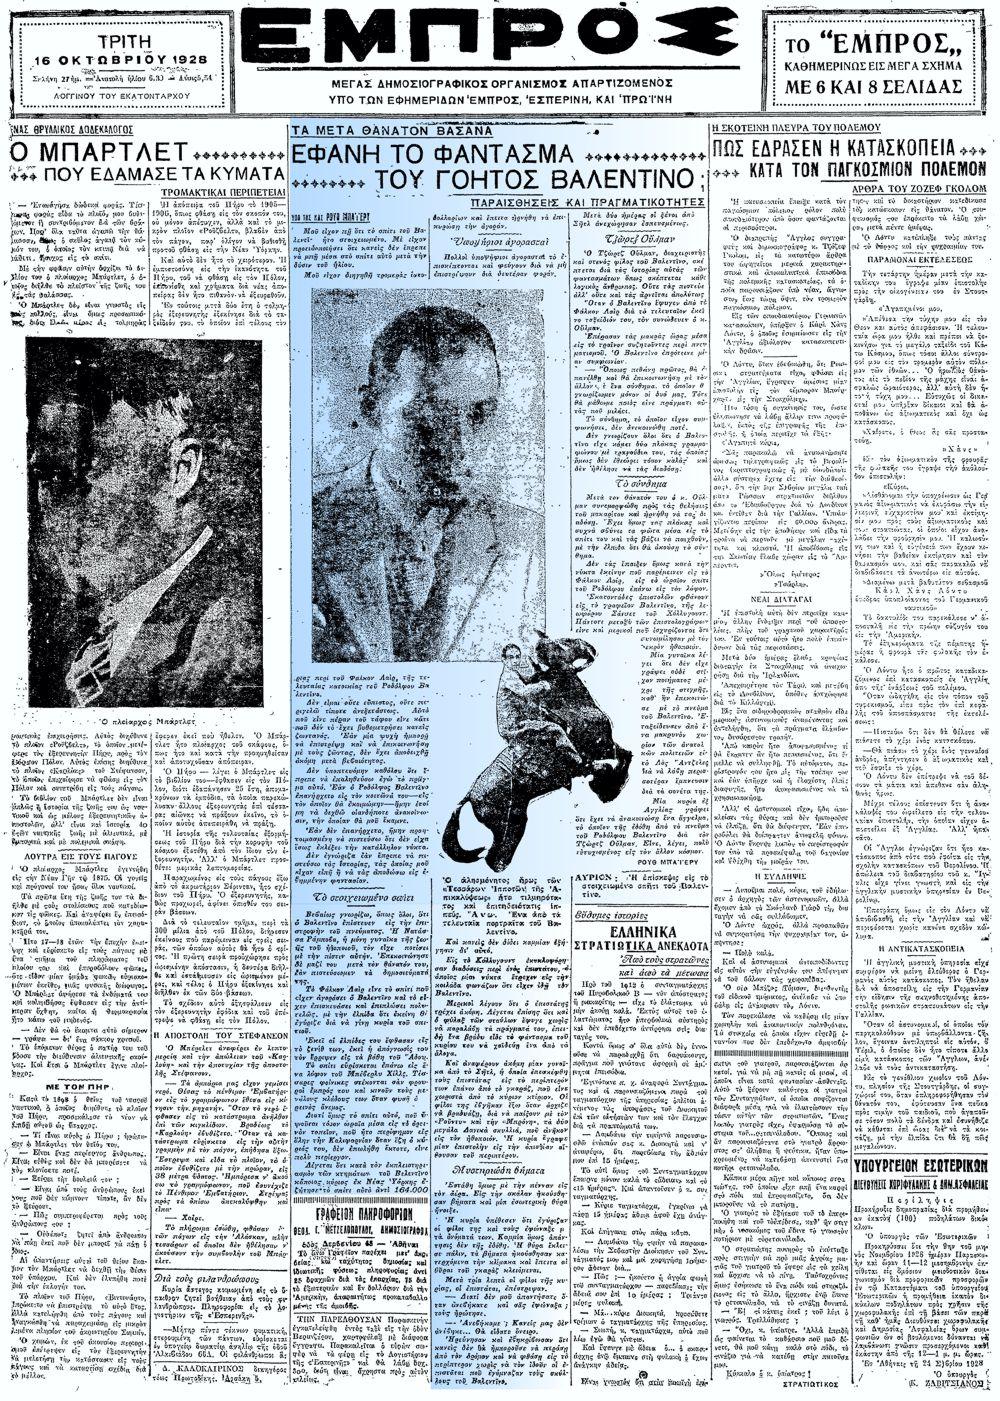 """Το άρθρο, όπως δημοσιεύθηκε στην εφημερίδα """"ΕΜΠΡΟΣ"""", στις 16/10/1928"""